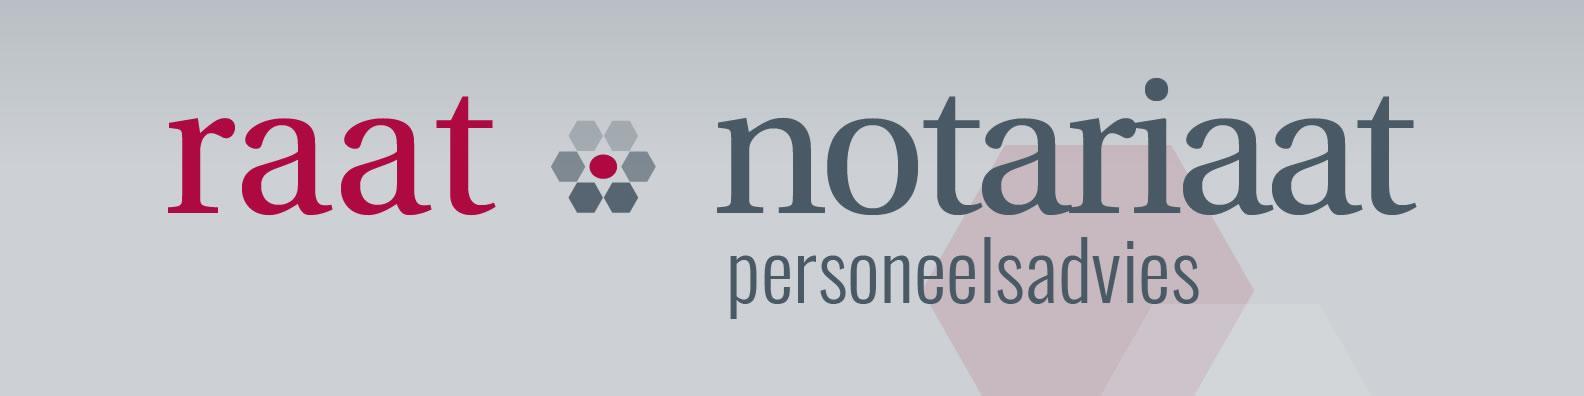 Kandidaat- notaris commercieel vastgoed